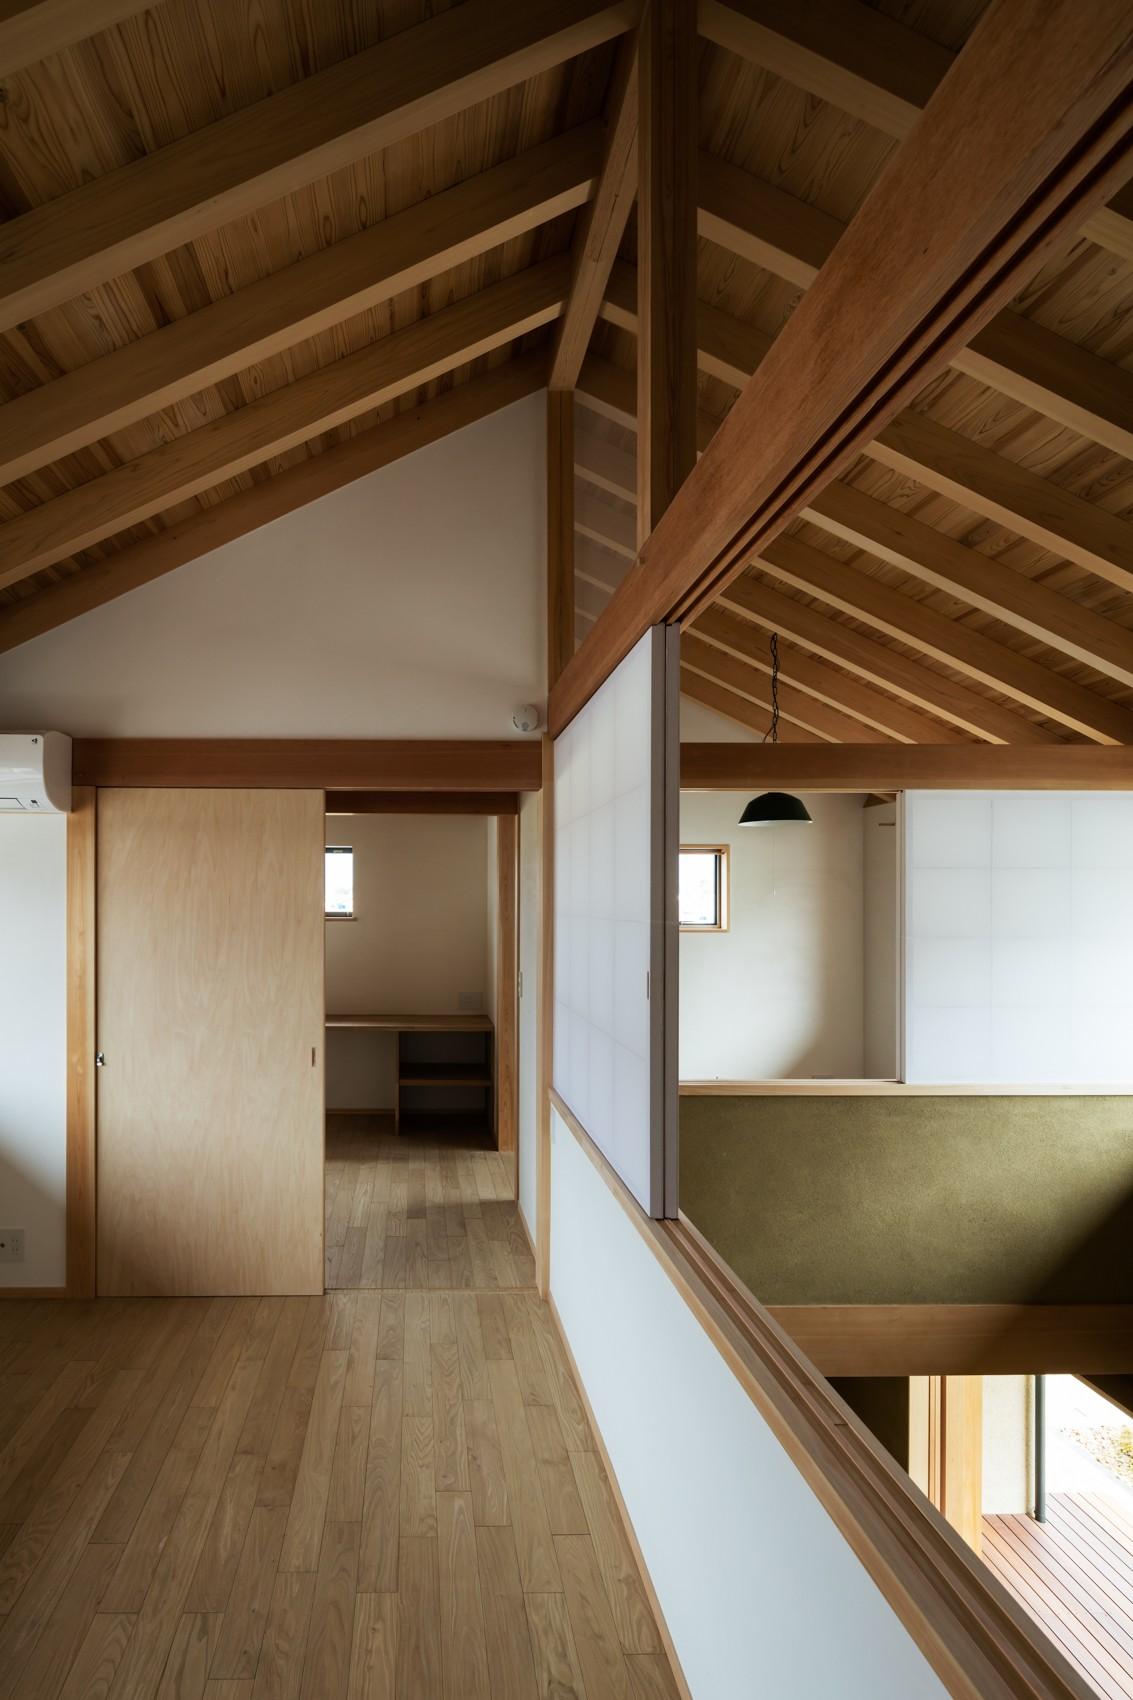 ベッドルーム事例:2階:個室空間+吹抜(眺望とお庭を楽しむ|火のある暮らしを楽しむ住まい 天理の家)